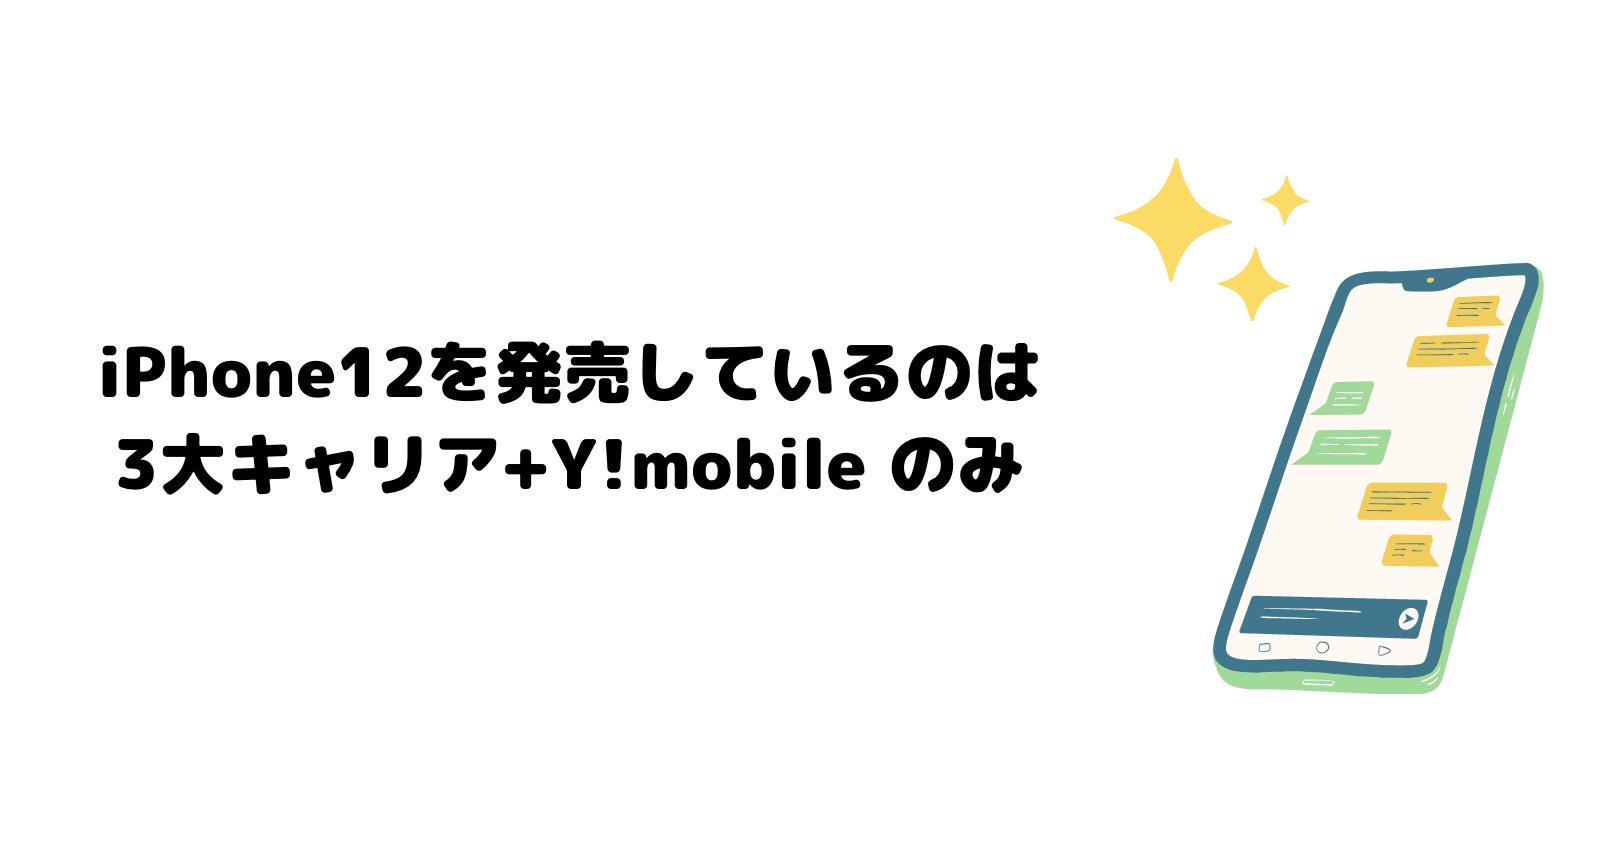 格安SIM_iphone12_iPhone12_Y!mobile_ワイモバイル_3大キャリア